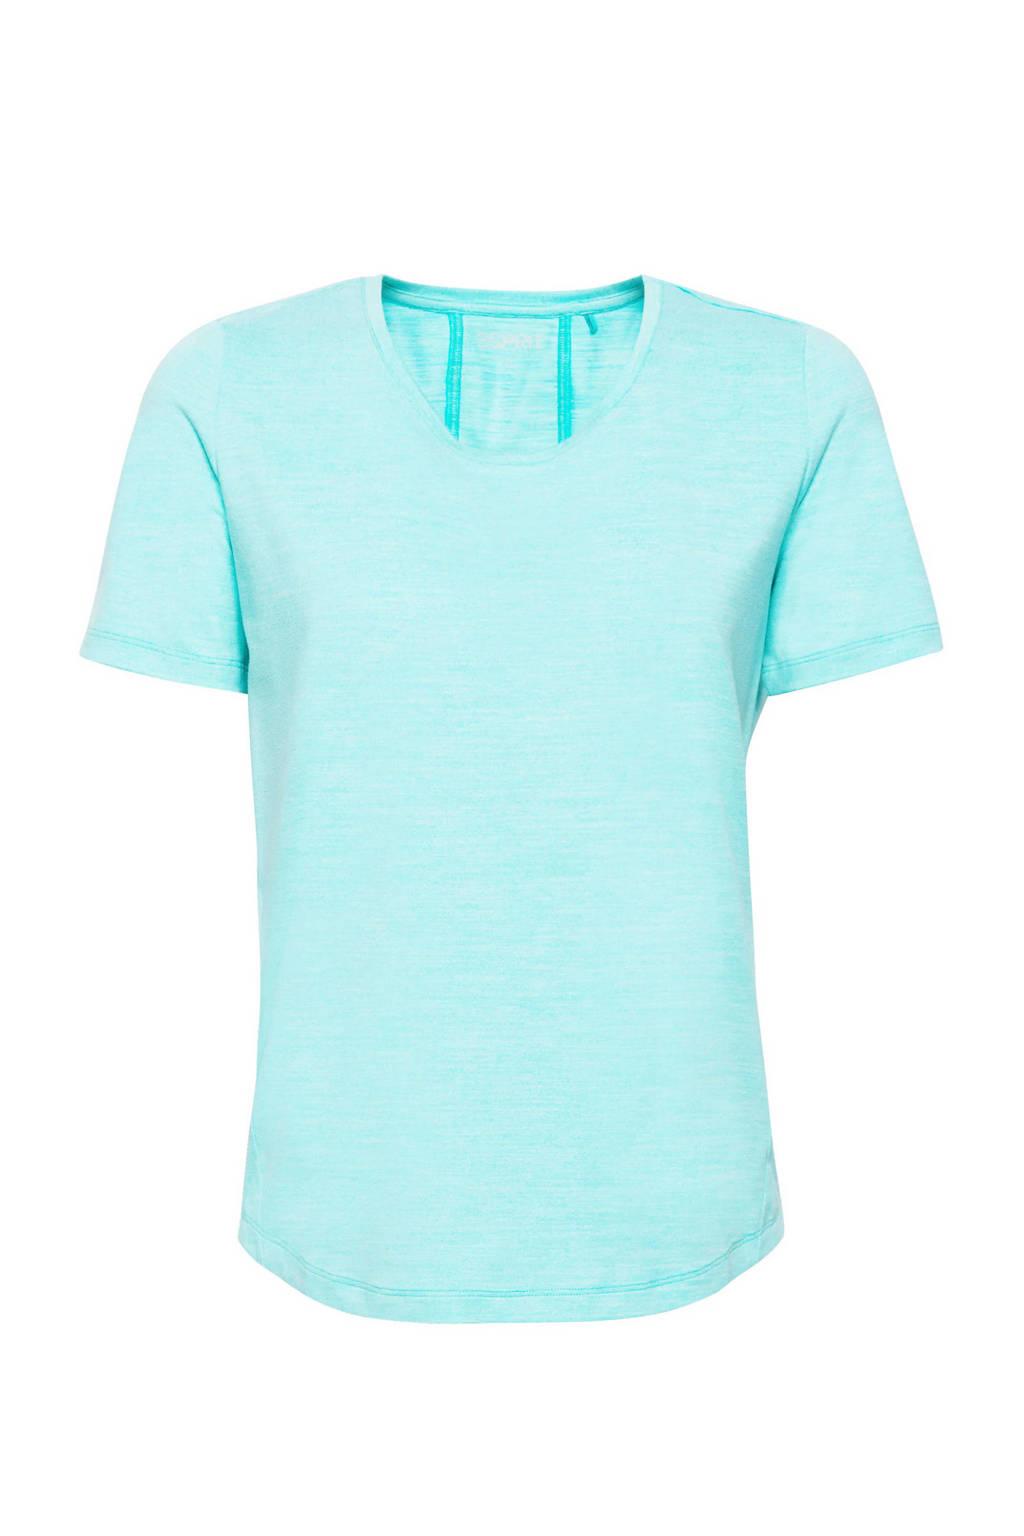 ESPRIT Women Sports T-shirt aqua groen, Aqua groen